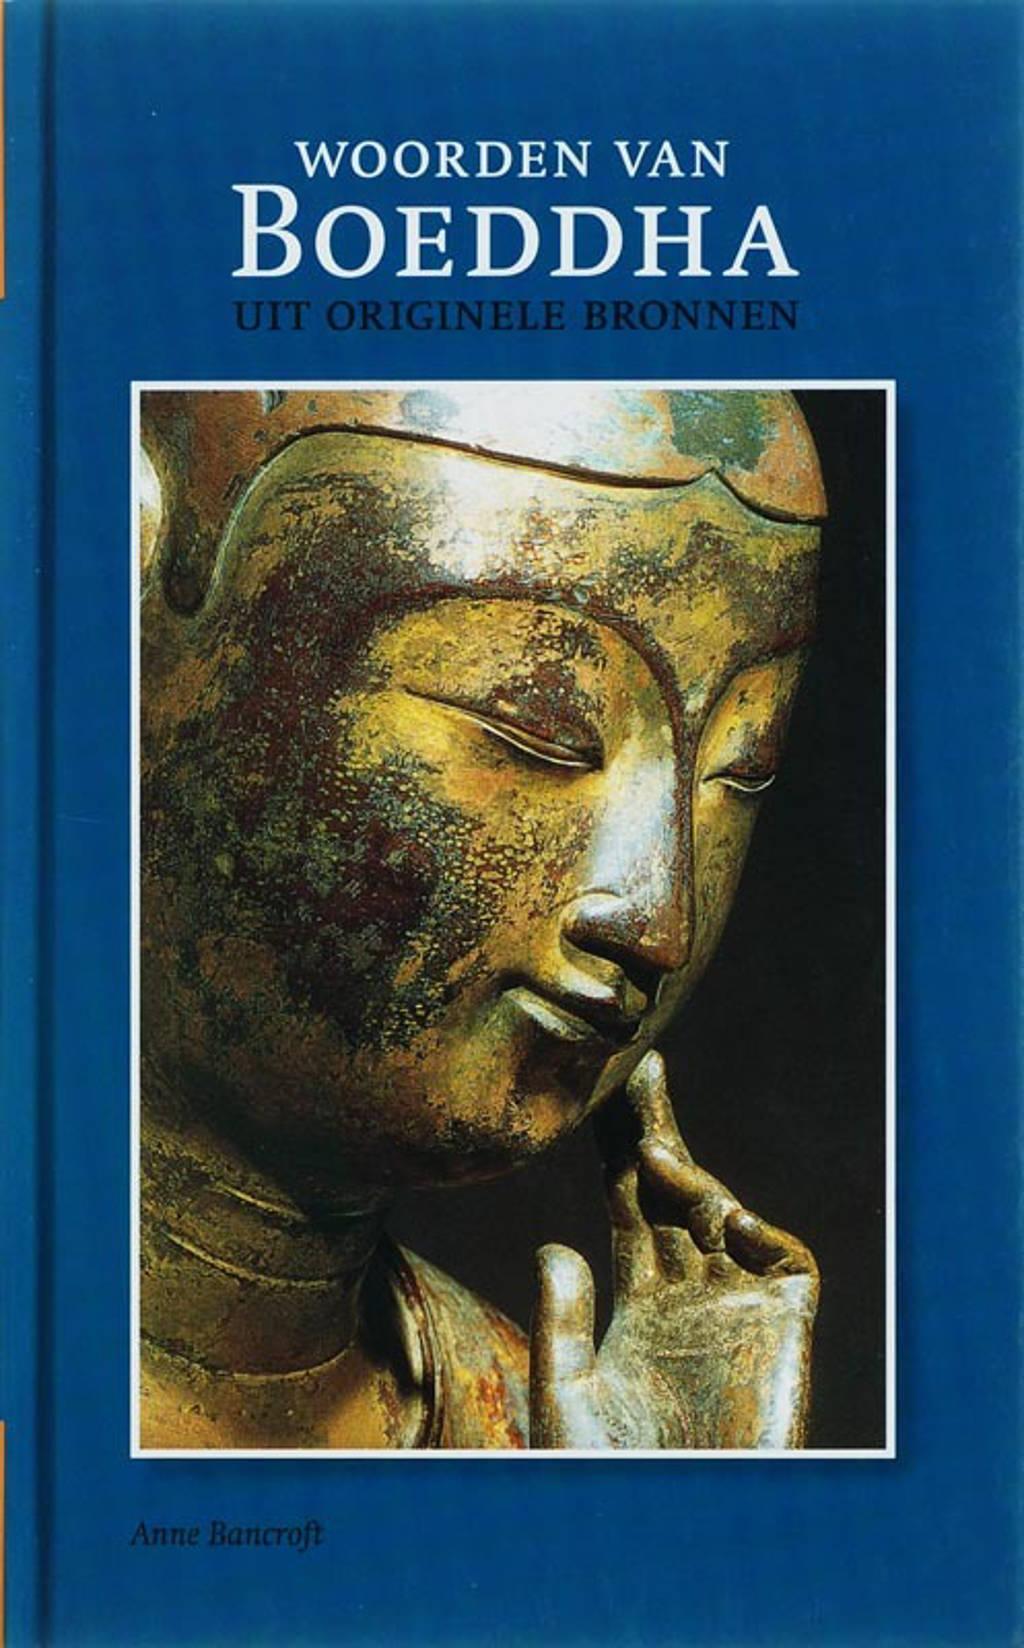 Woorden van Boeddha - A. Bancroft